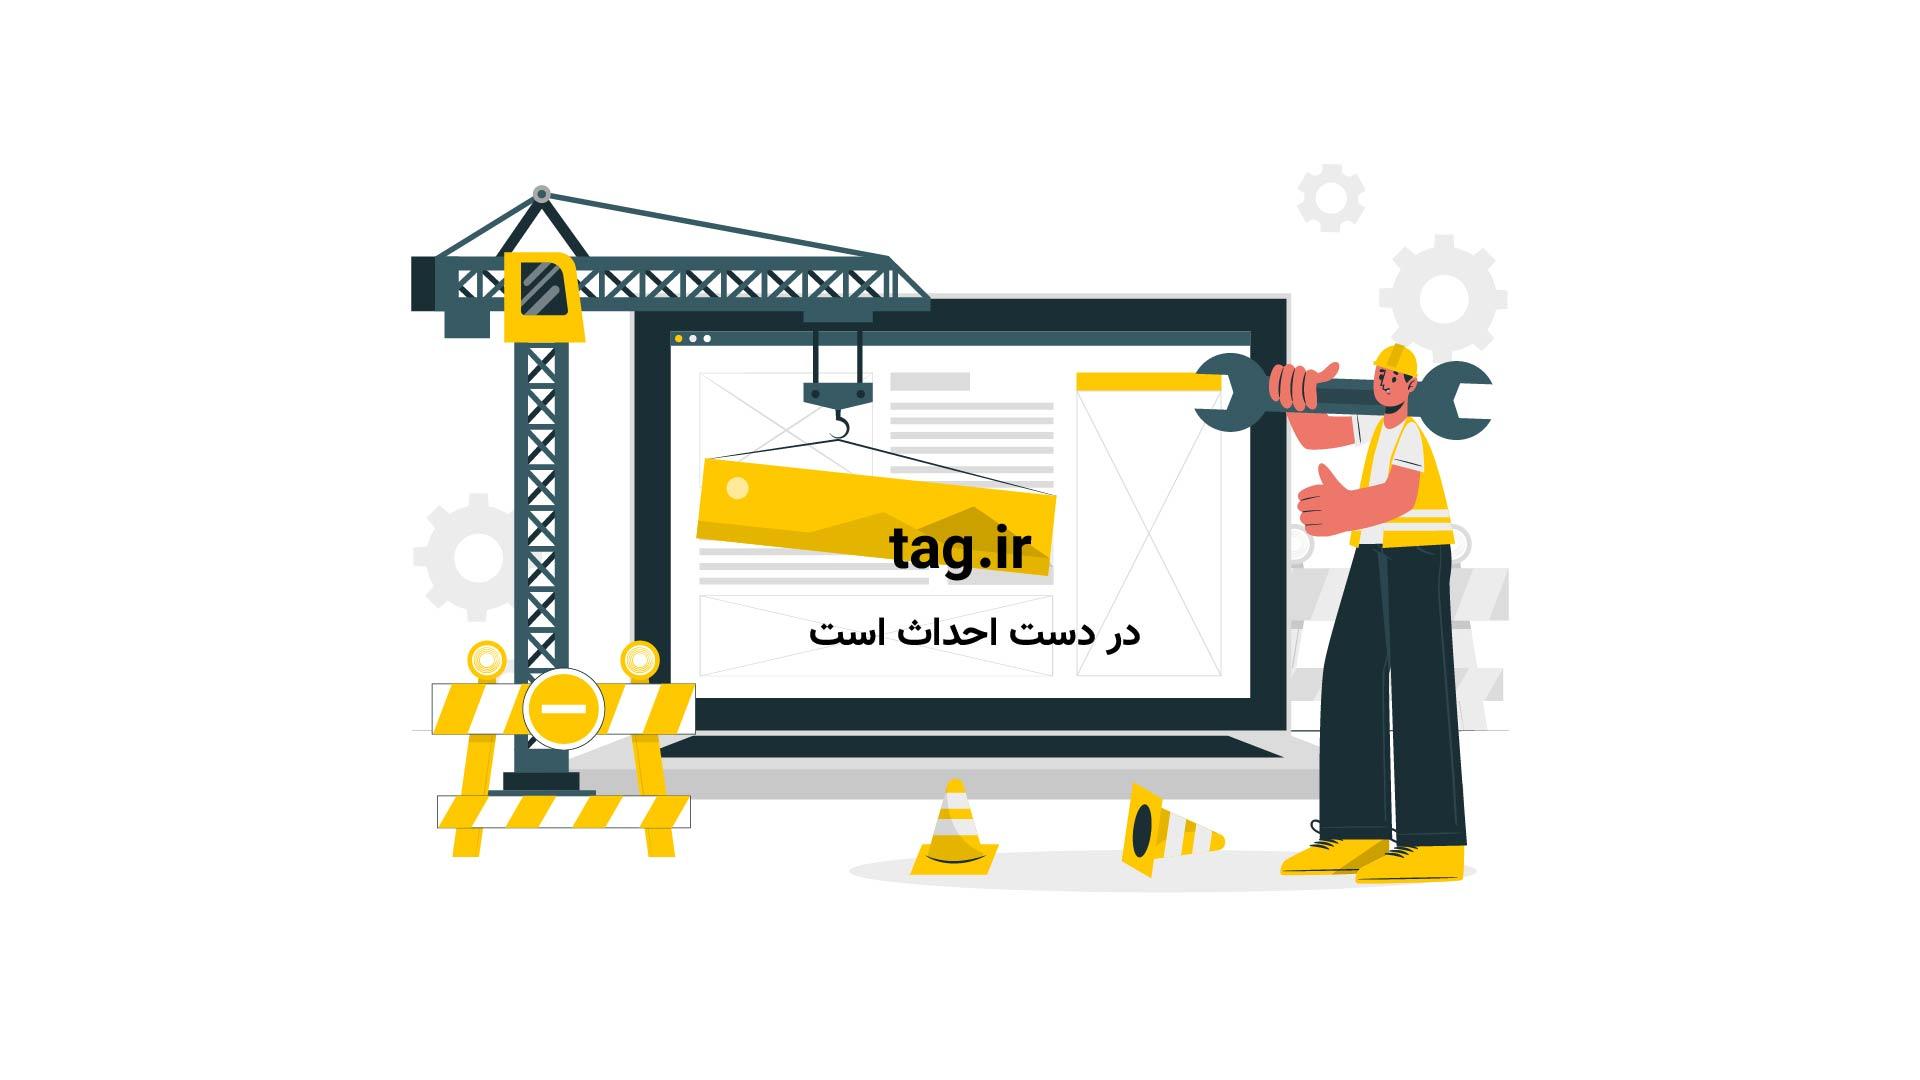 ابر ماه آسمان آلمان   تگ